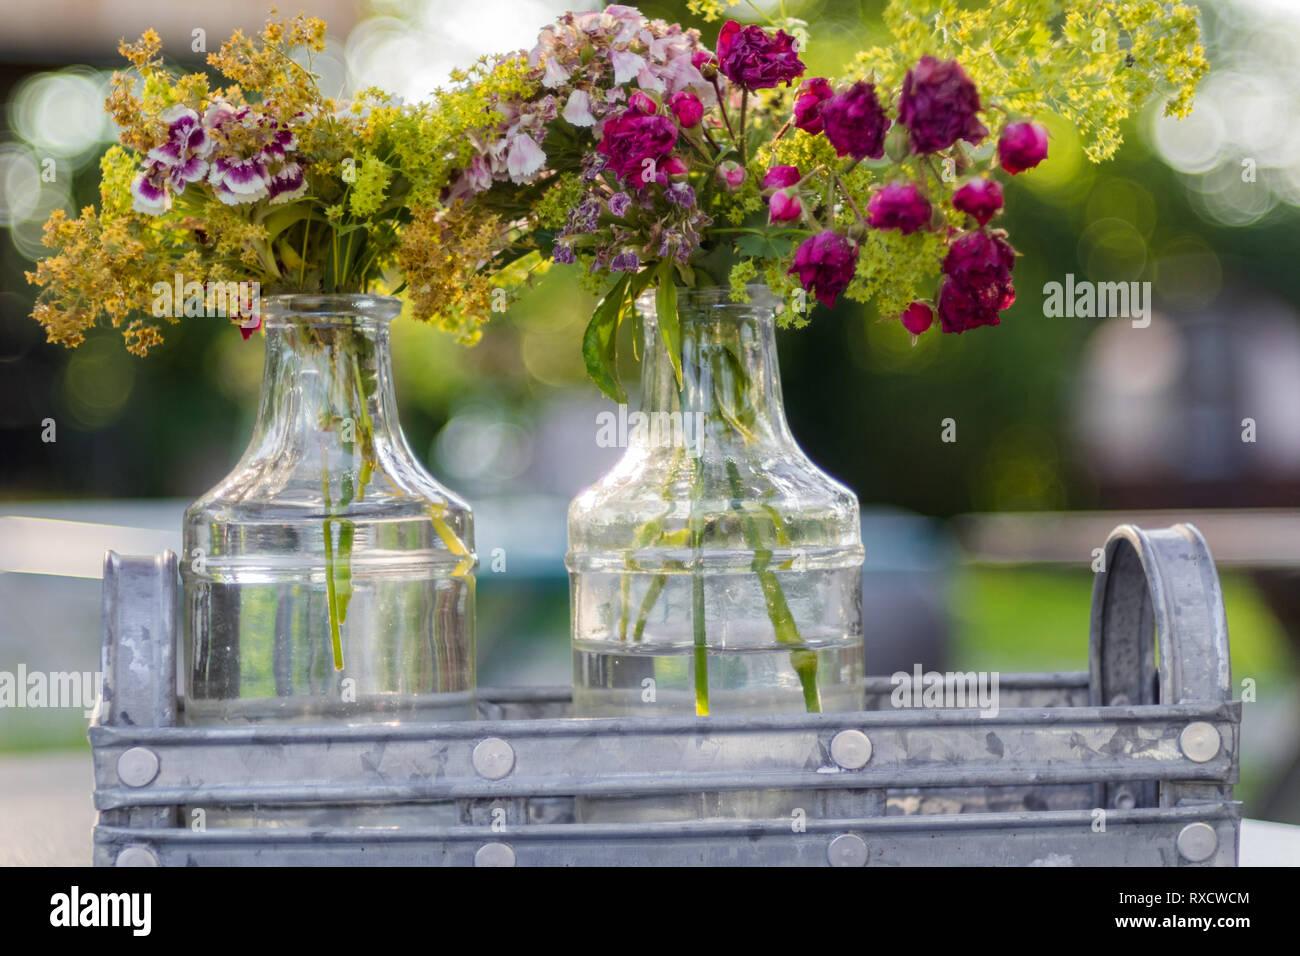 Blumengesteck in einer Glasflasche im Zink-Behälter. Lila Blumen - Stock Image